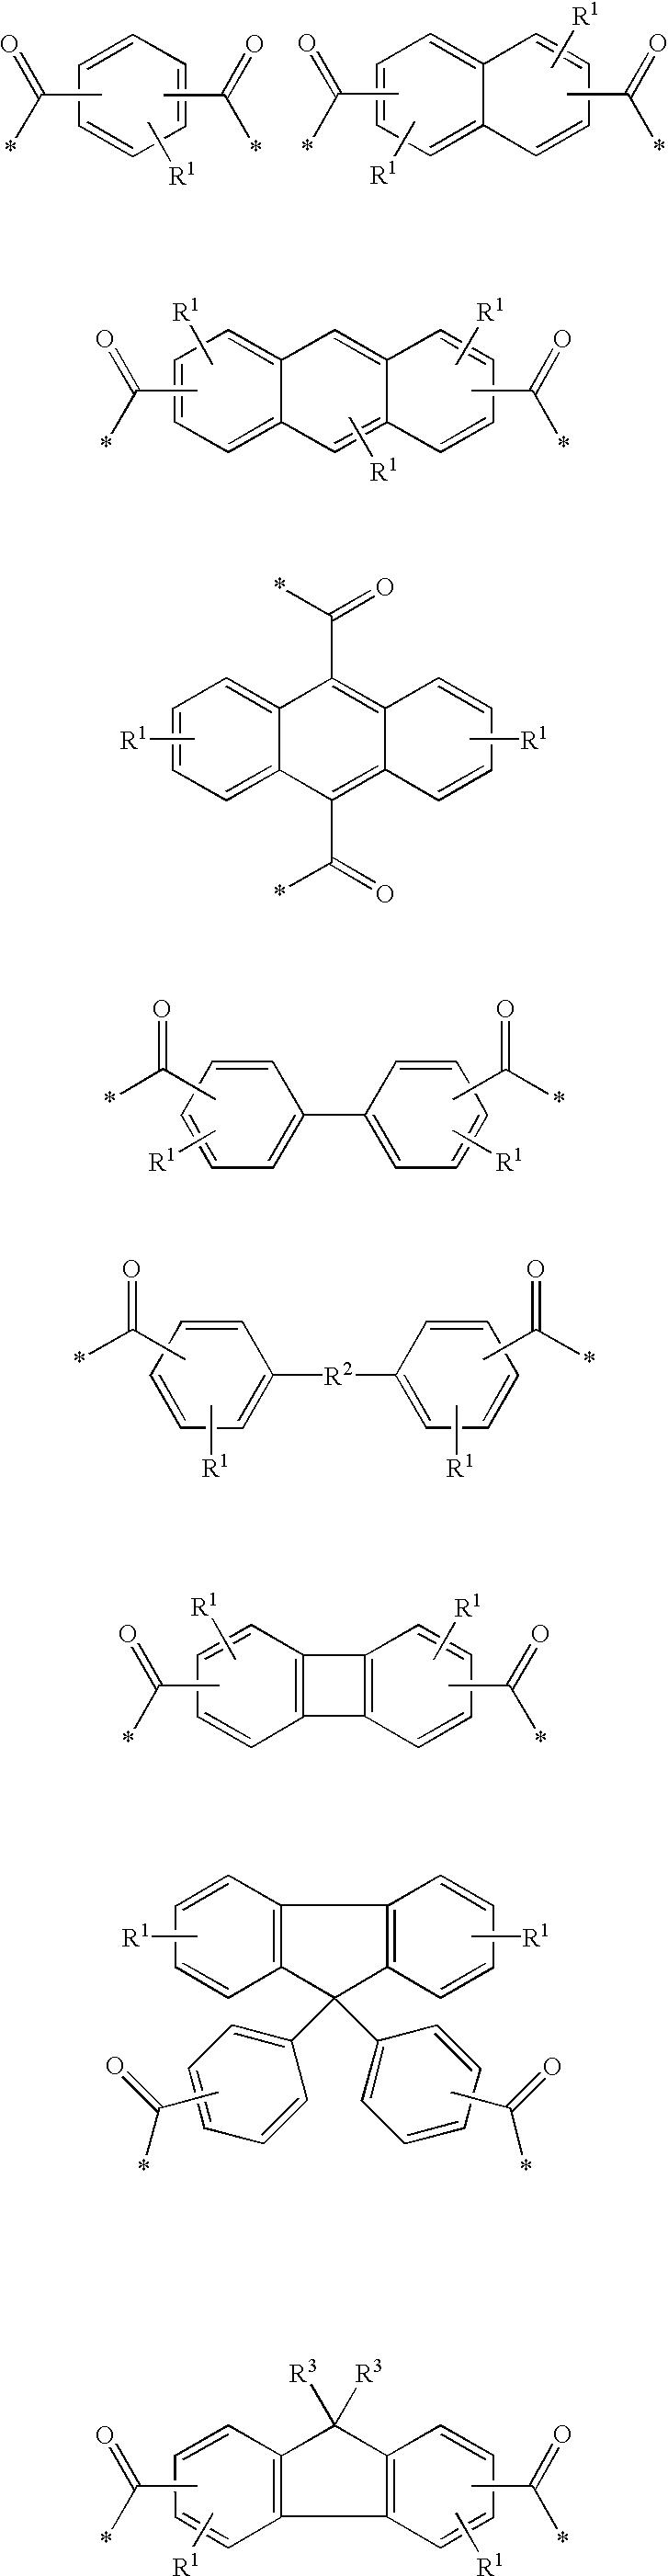 Figure US20030050431A1-20030313-C00020